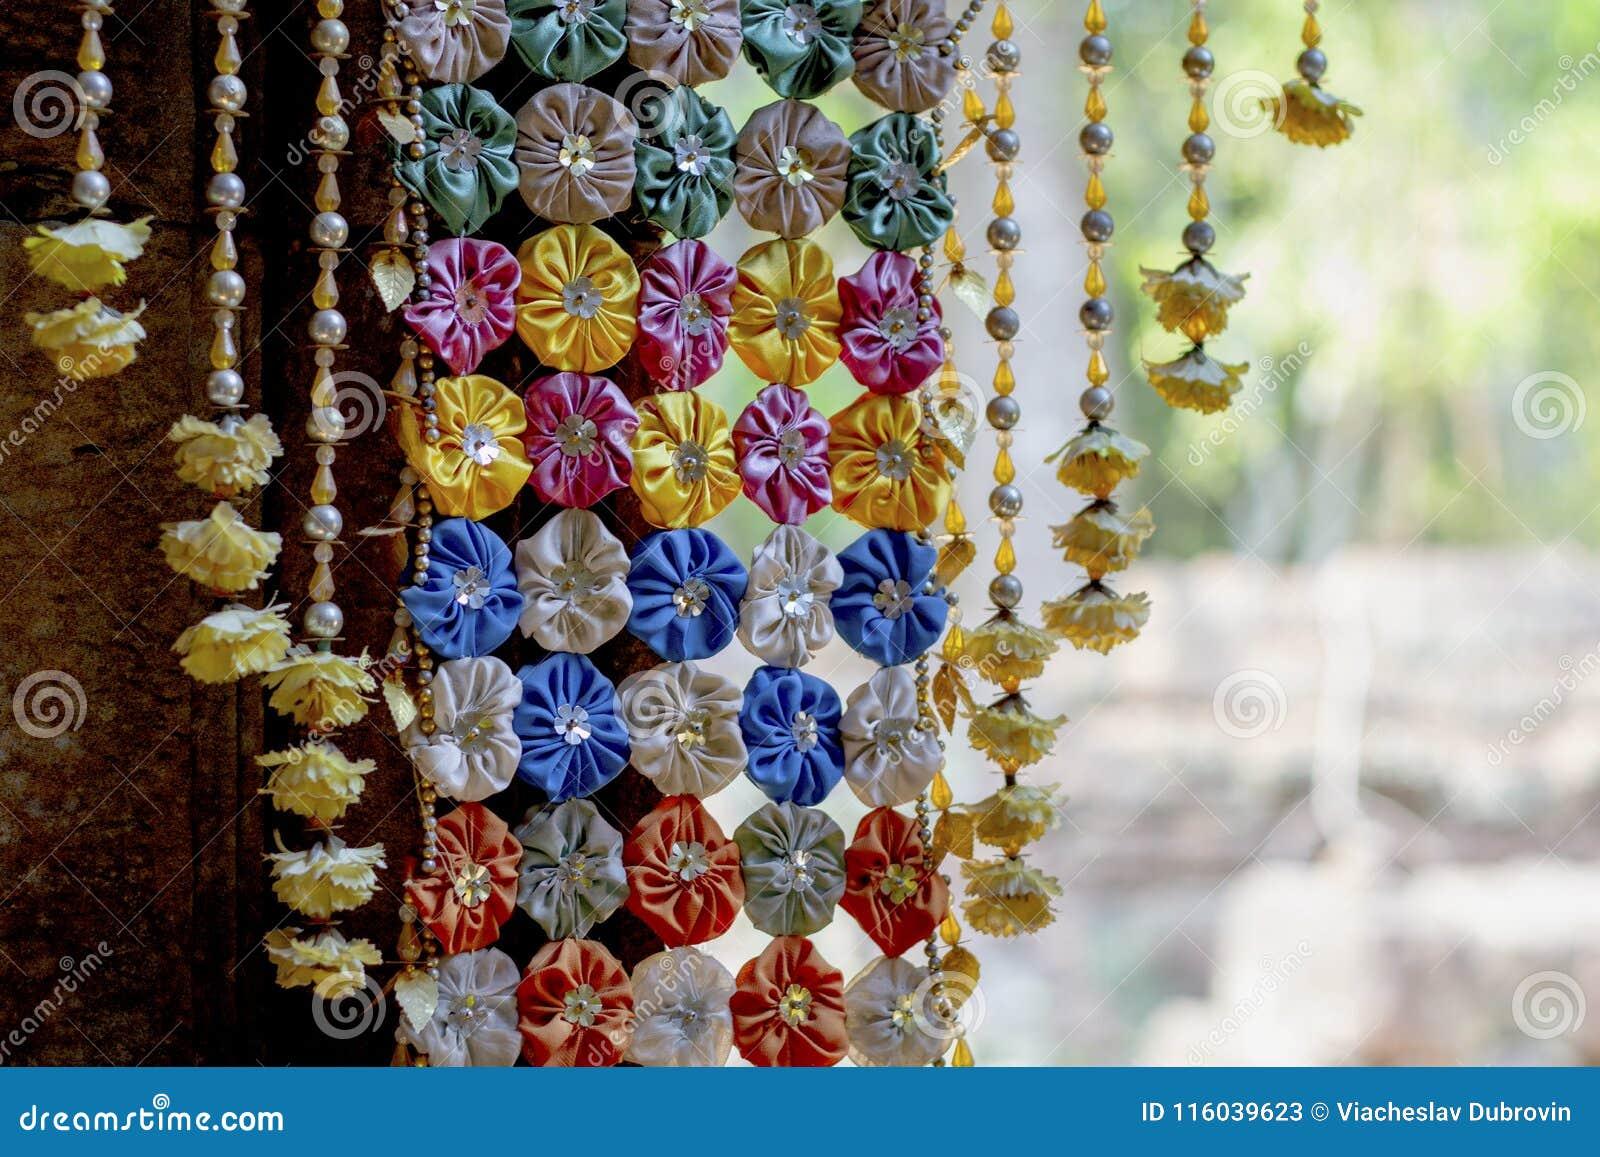 Decorazione floreale in tempio buddista Decorazione floreale interna del tempio cambogiano Decorazione di festival di buddismo